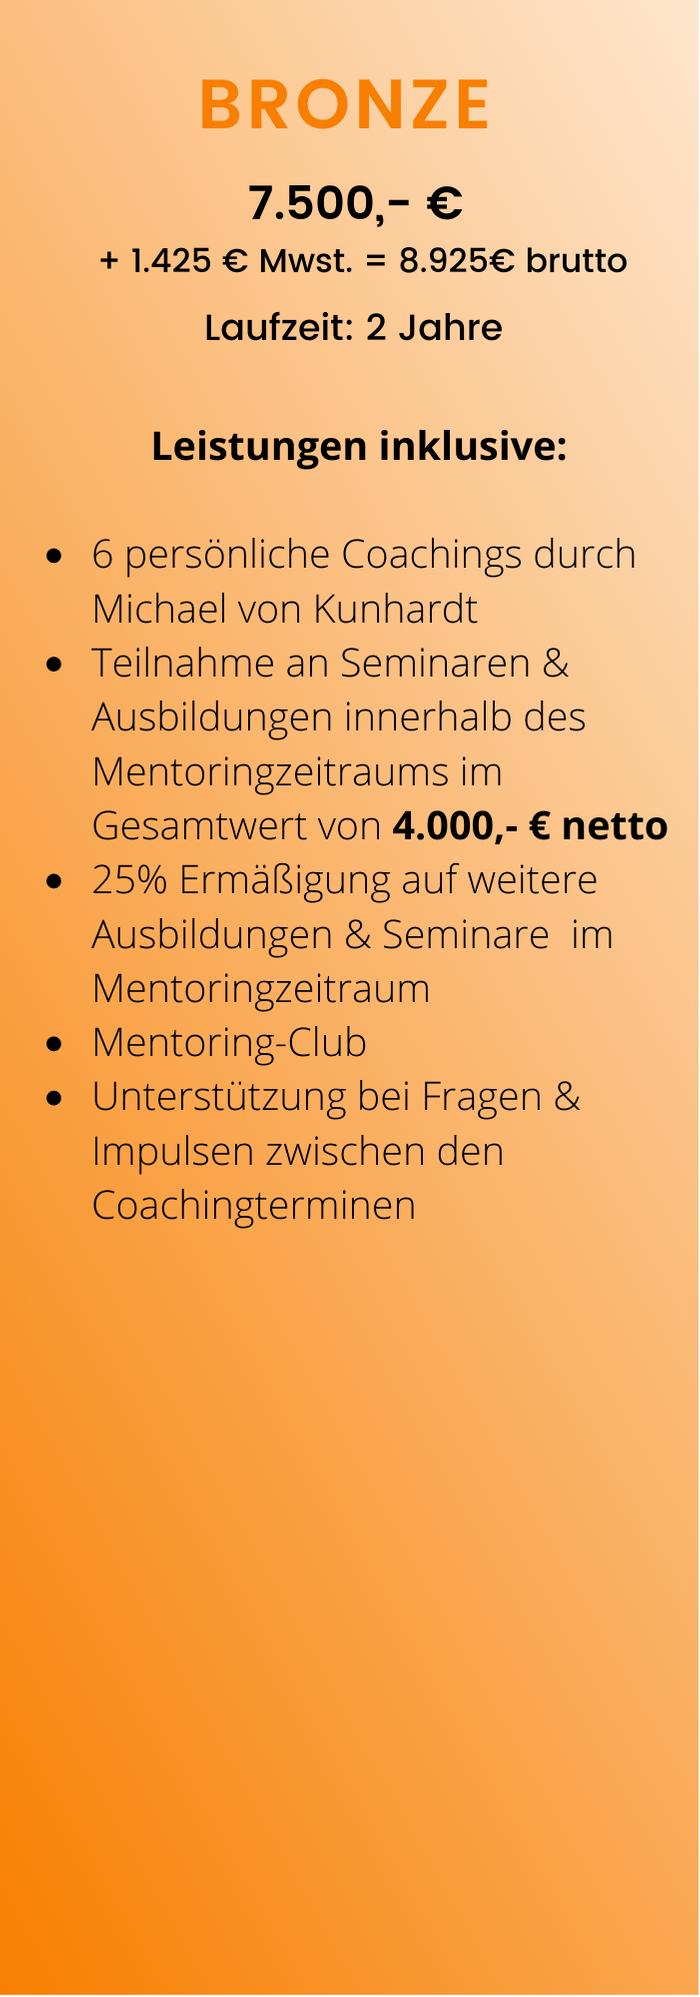 https://www.vonkunhardt.de/wp-content/uploads/2021/02/Bronze-1-700x1997.png